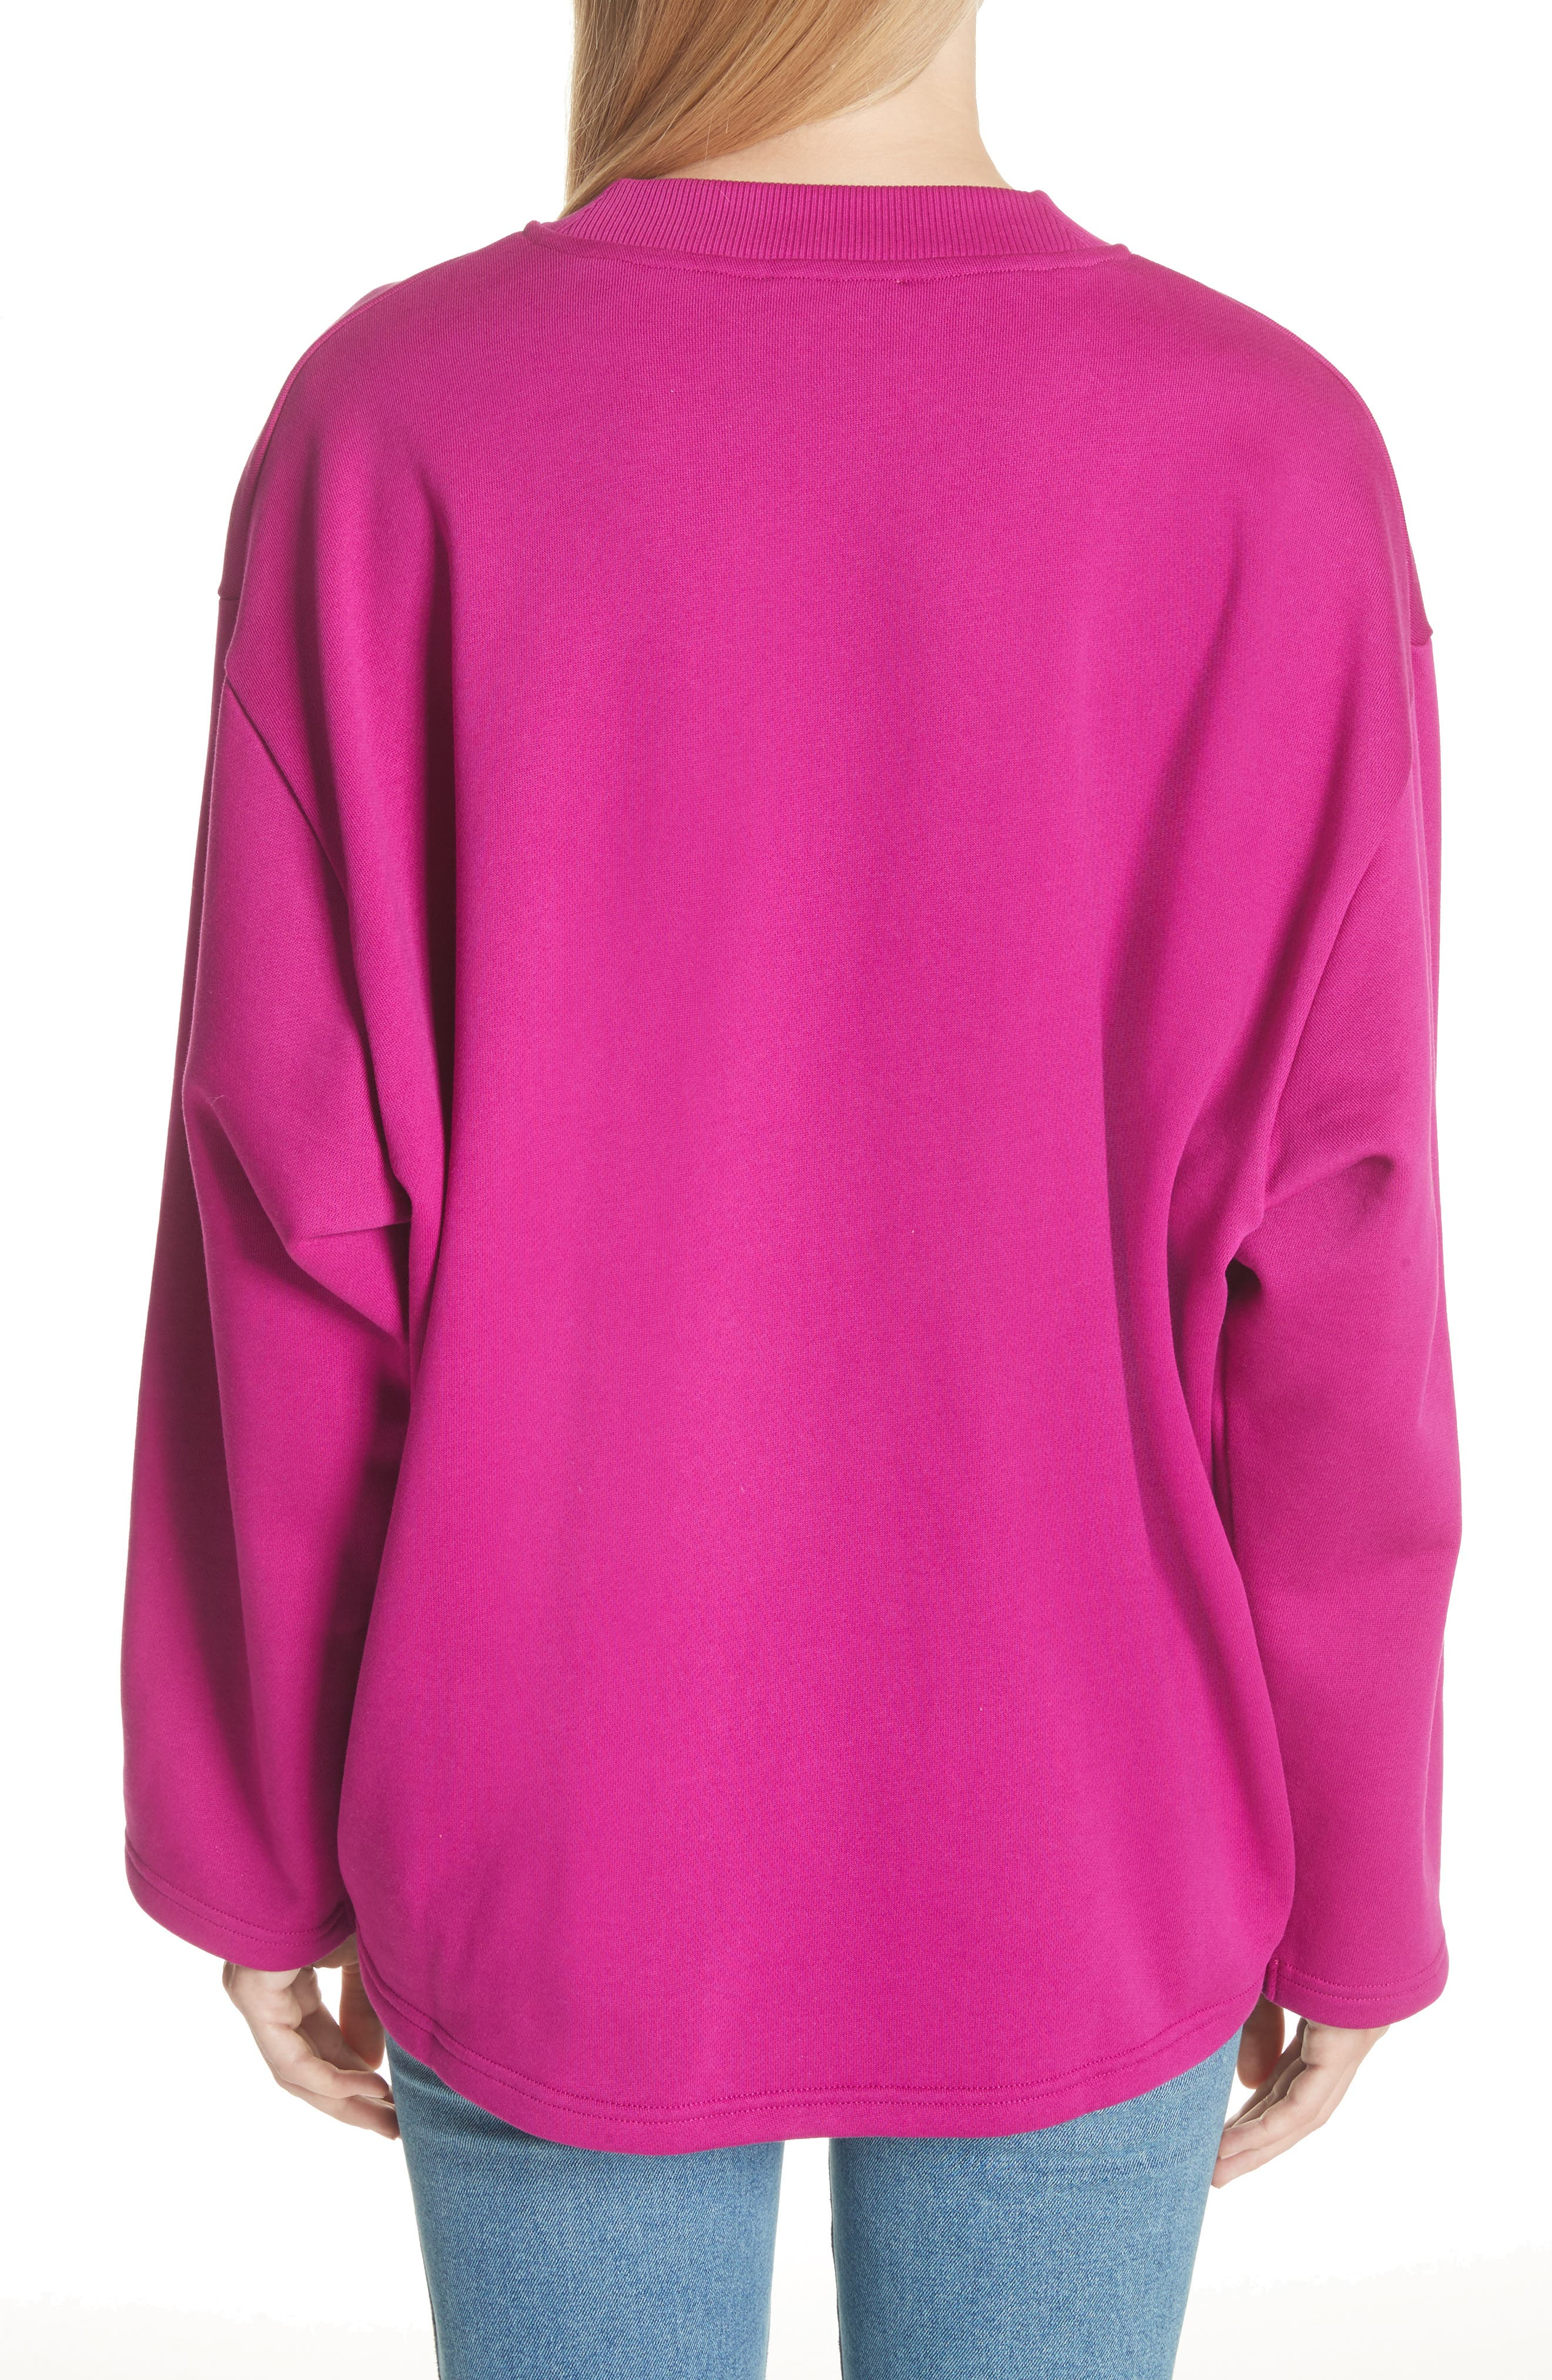 Karvell Sweatshirt,                             Alternate thumbnail 2, color,                             Acid Purple